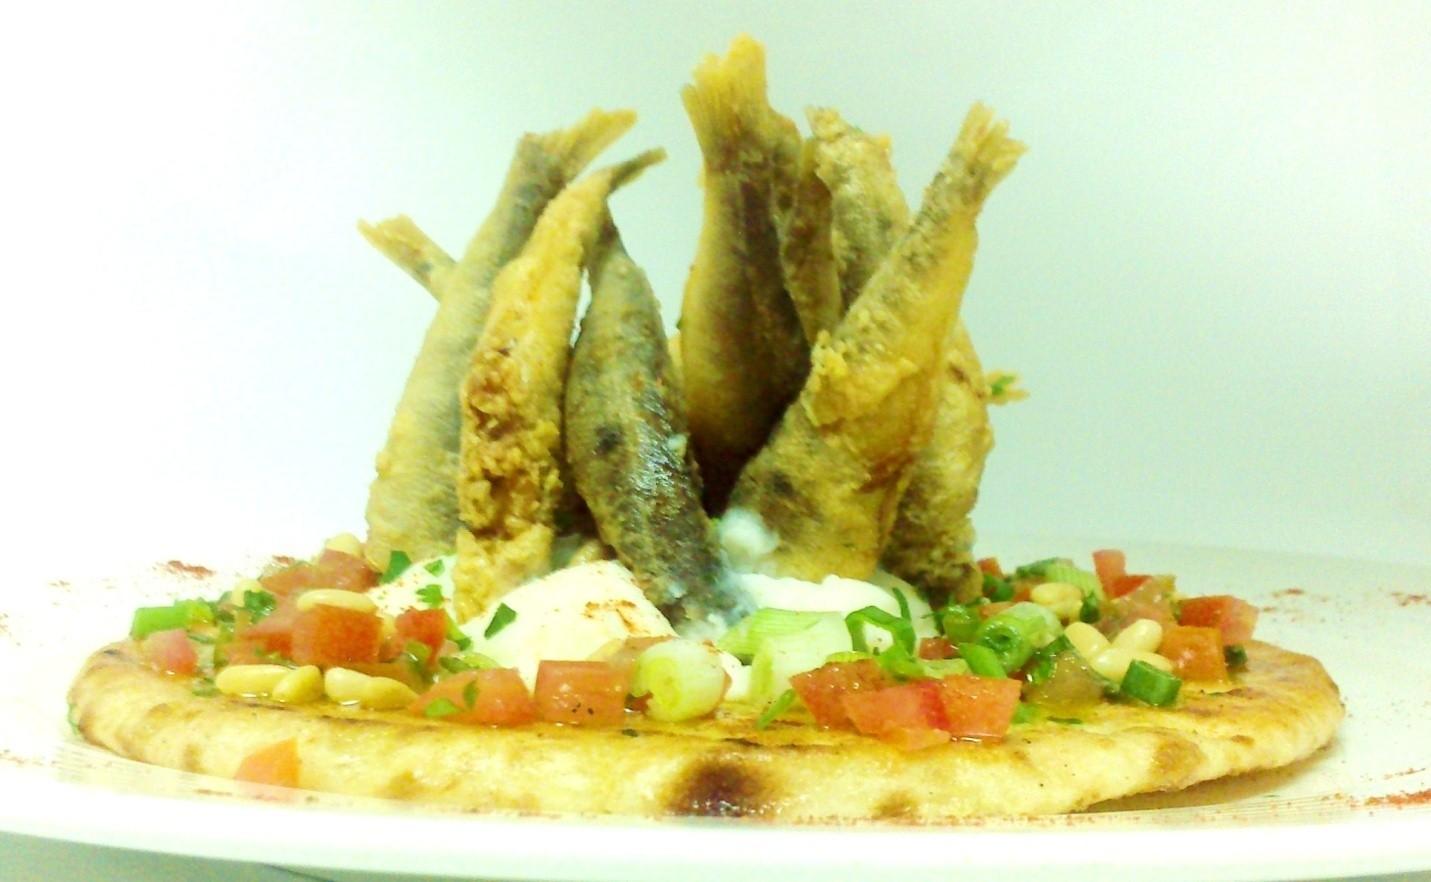 Μαρίδα τηγανιτή με σκορδαλιά σε ελληνική πίττα | Σάββας Σάββα | Anthia.net